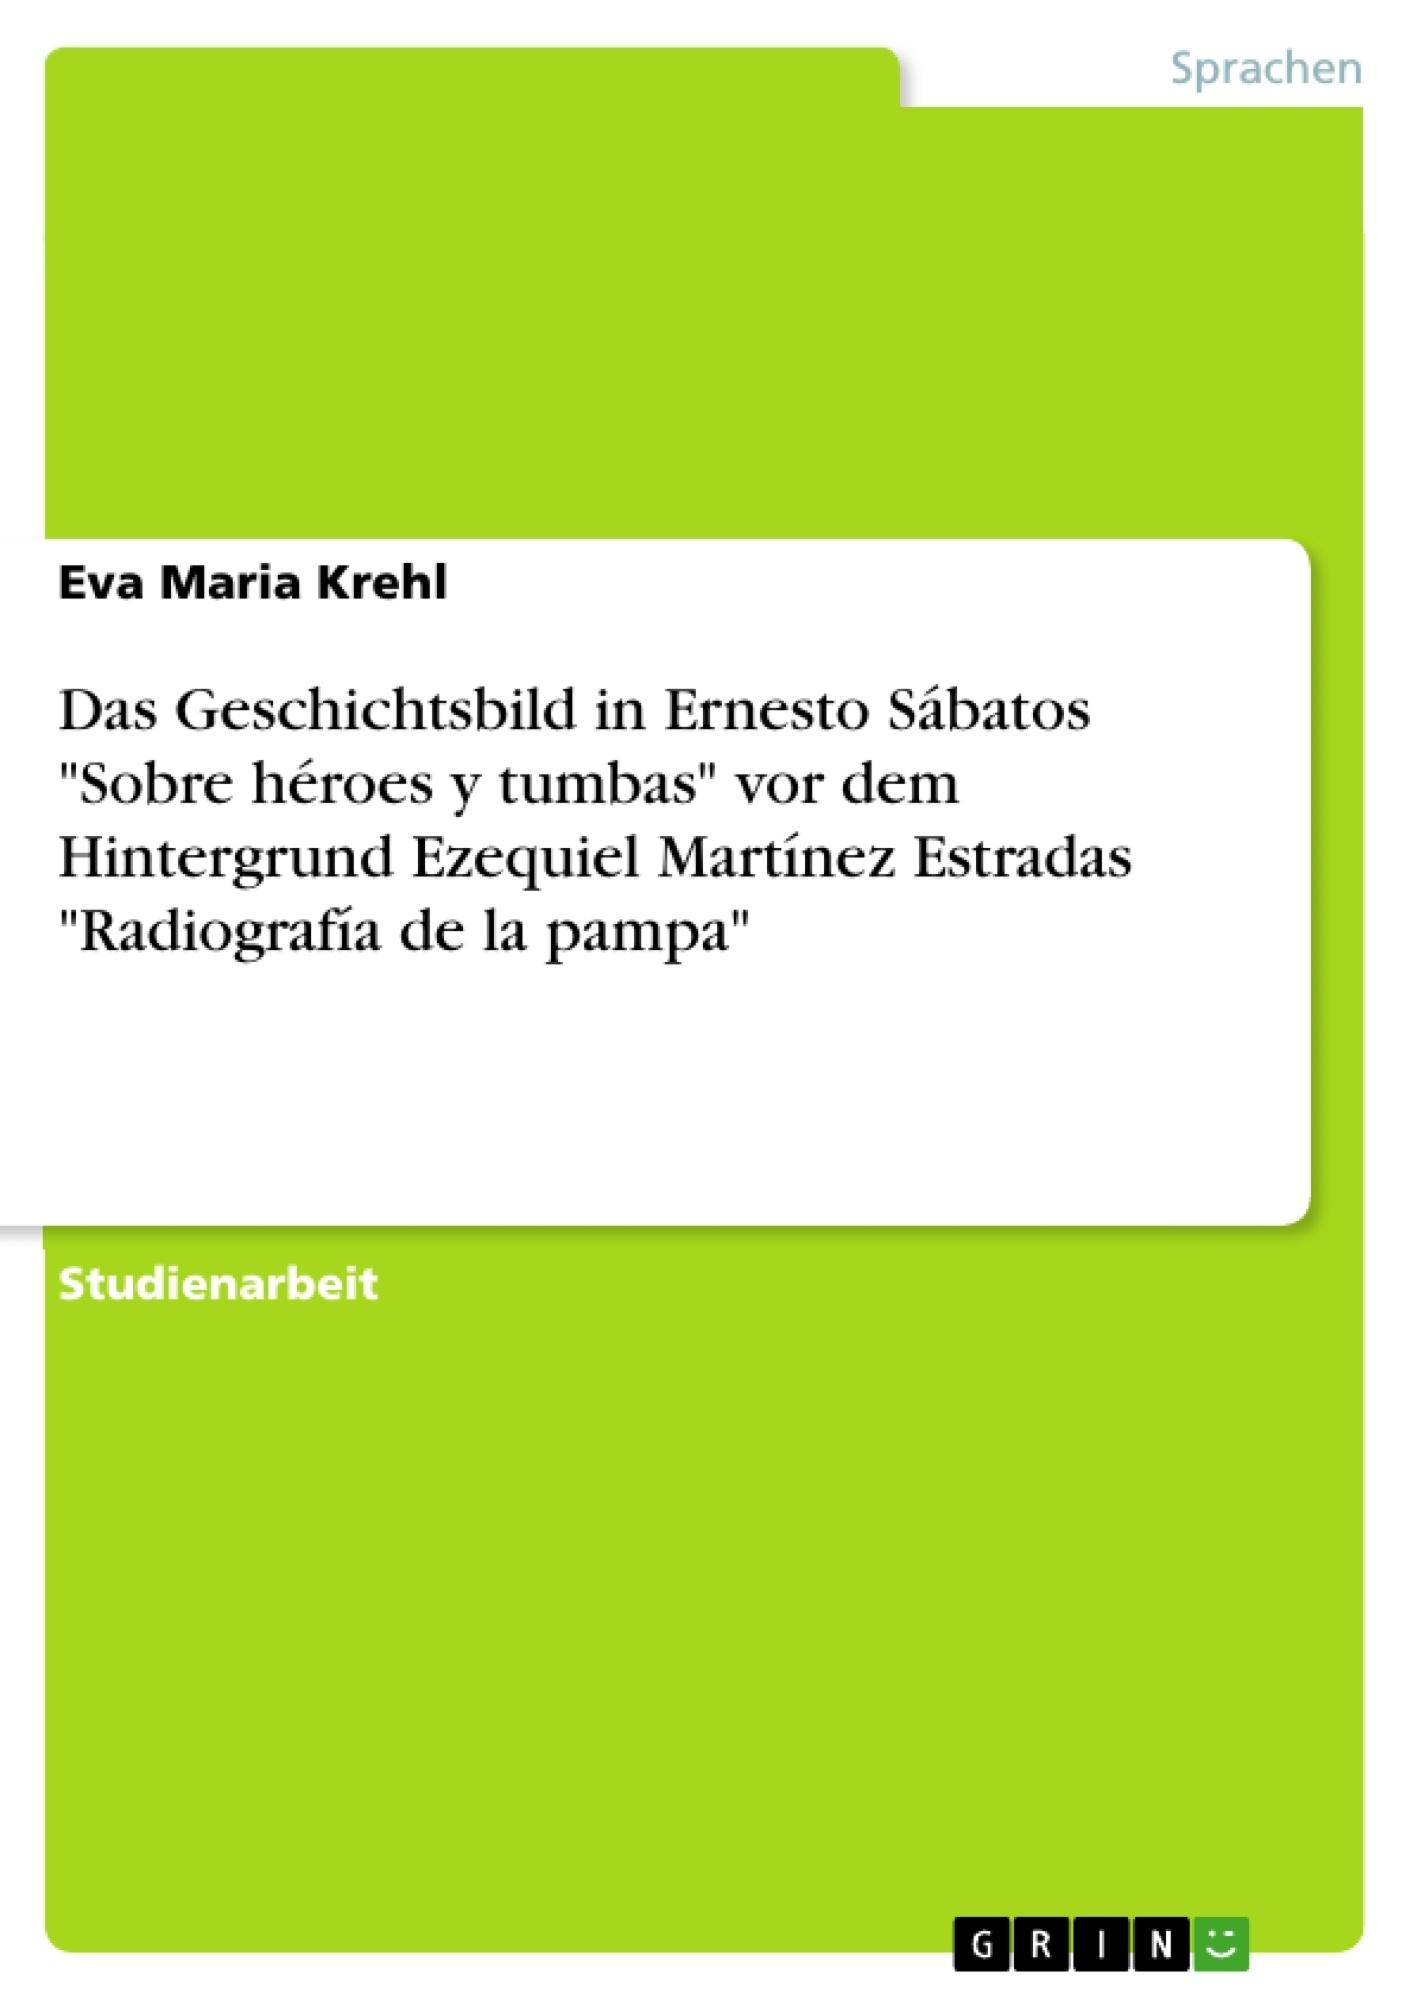 """Titel: Das Geschichtsbild in Ernesto Sábatos """"Sobre héroes y tumbas"""" vor dem Hintergrund Ezequiel Martínez Estradas """"Radiografía de la pampa"""""""